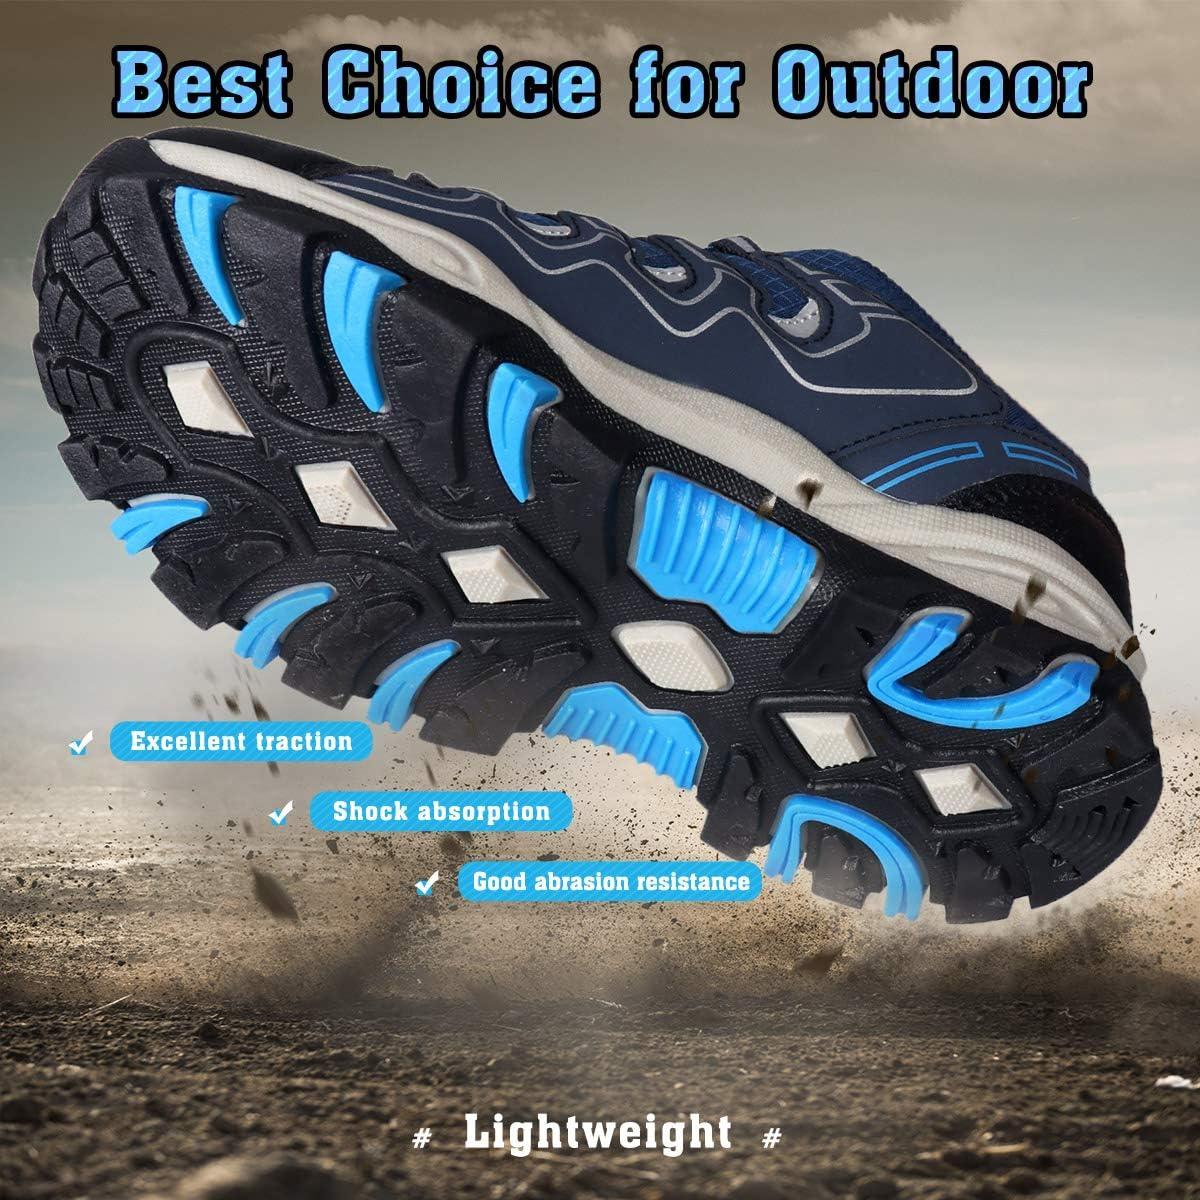 Chaussure de Course Garcon Mode Baskets Basses Sneakers Chaussures de Outdoor Trail Walking Comp/étition Entra/înement Chaussure 31-39